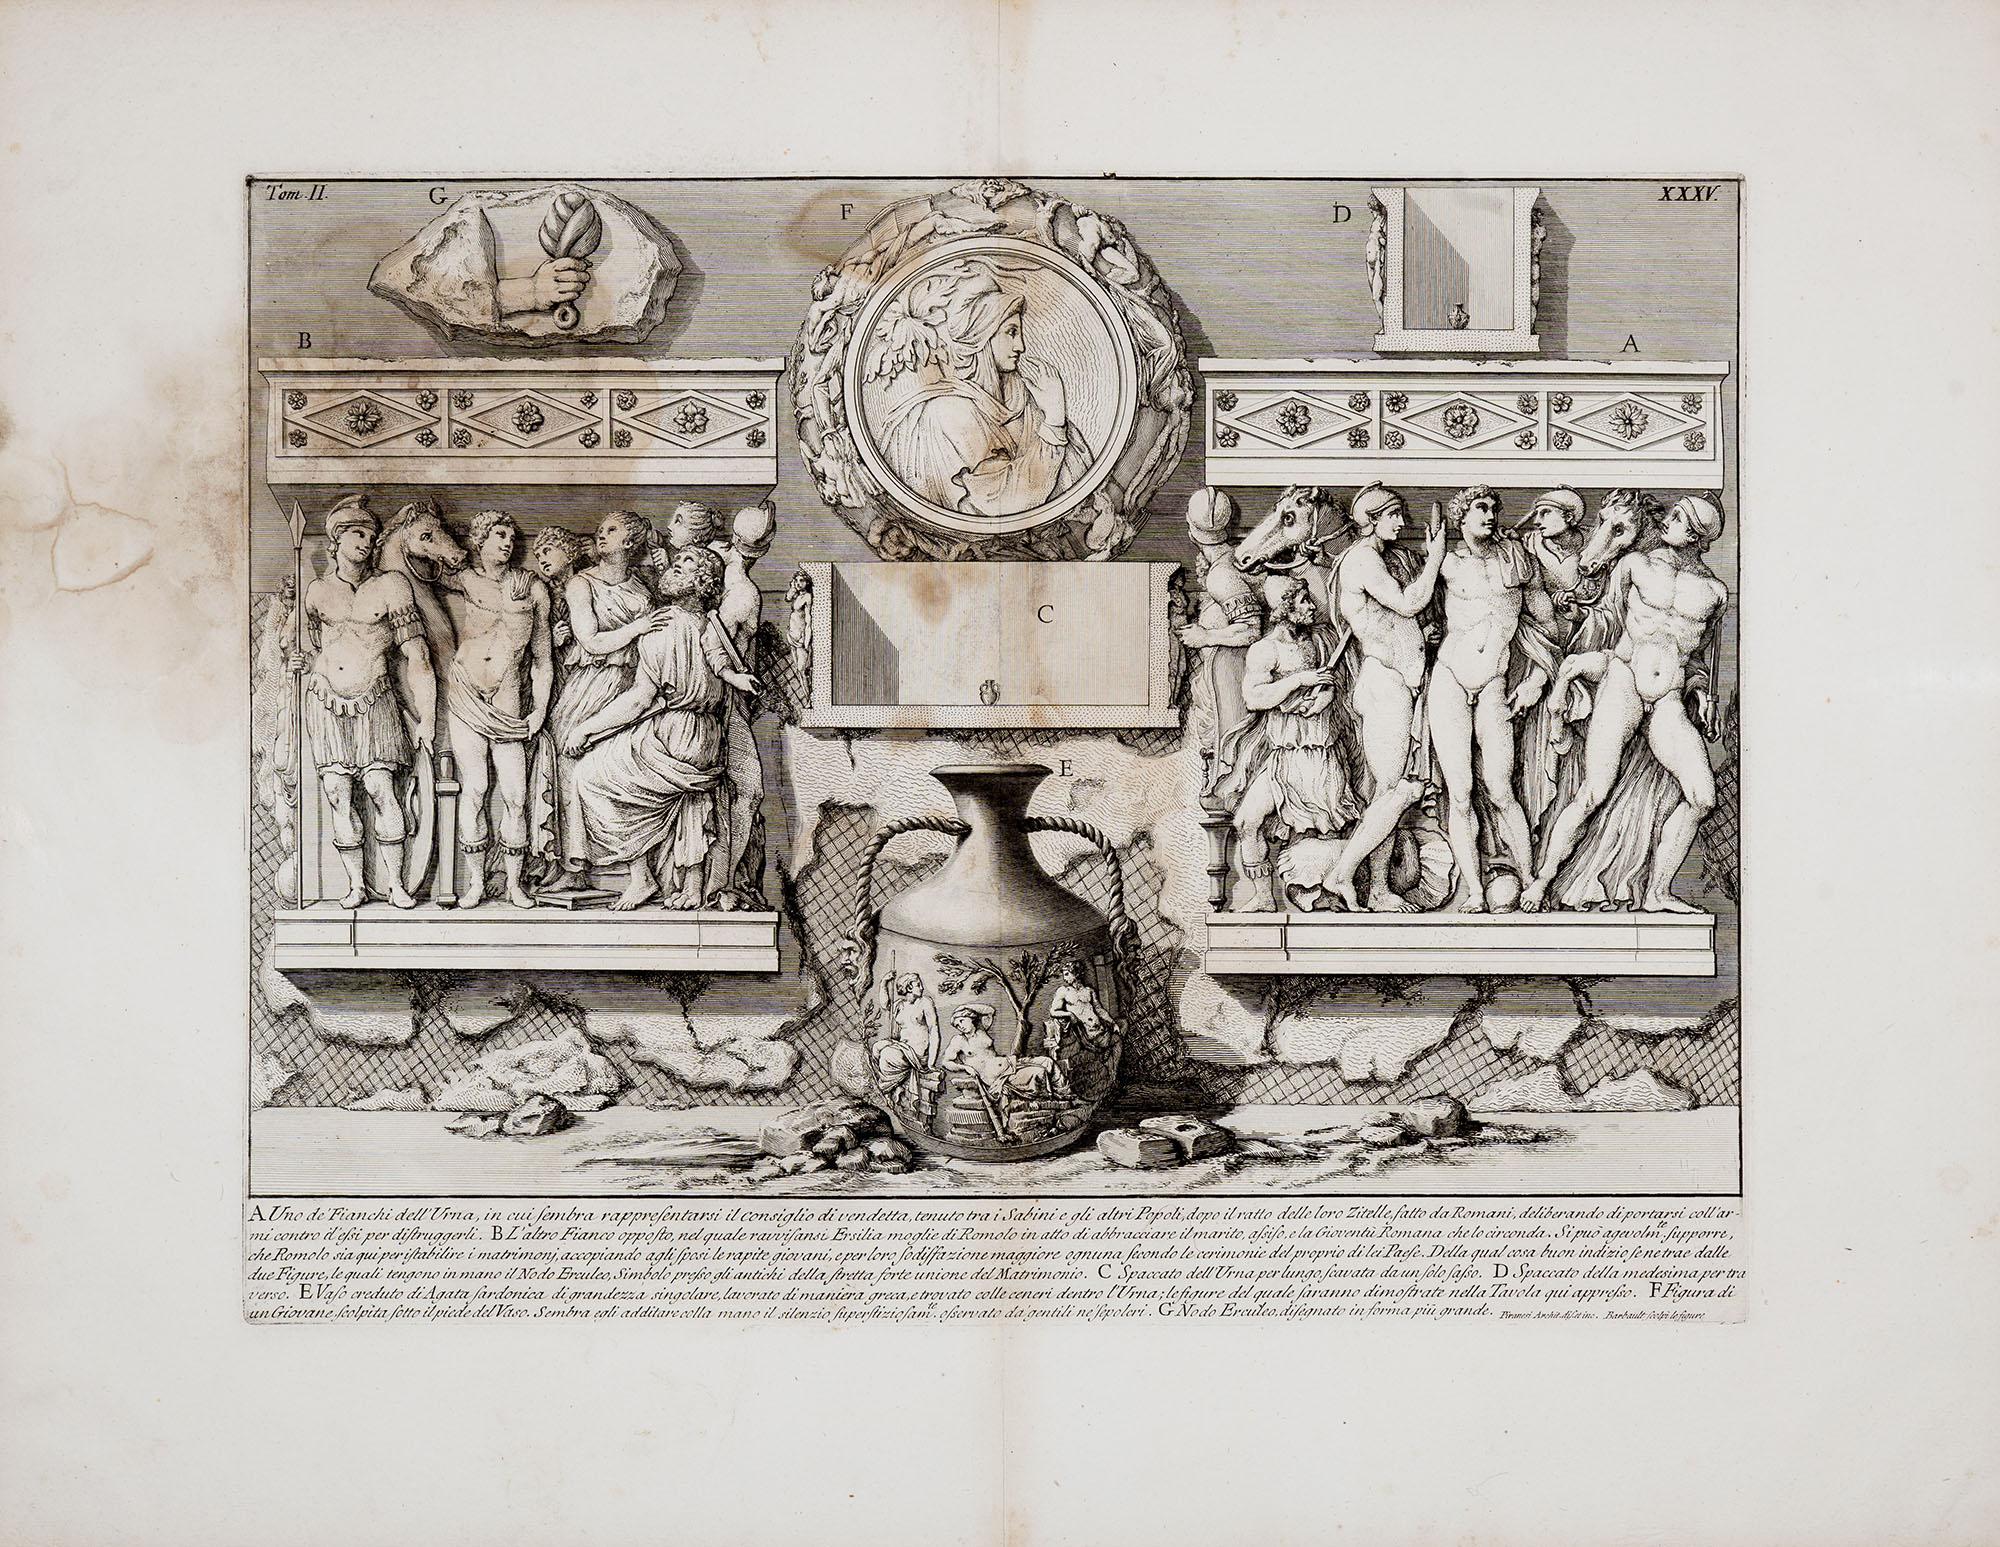 30. Uno de' Fianchi dell'Urna, in cui sembra rappresentarsi il consiglio di vendetta tenuto tra i Sabini e gli altri Popoli...